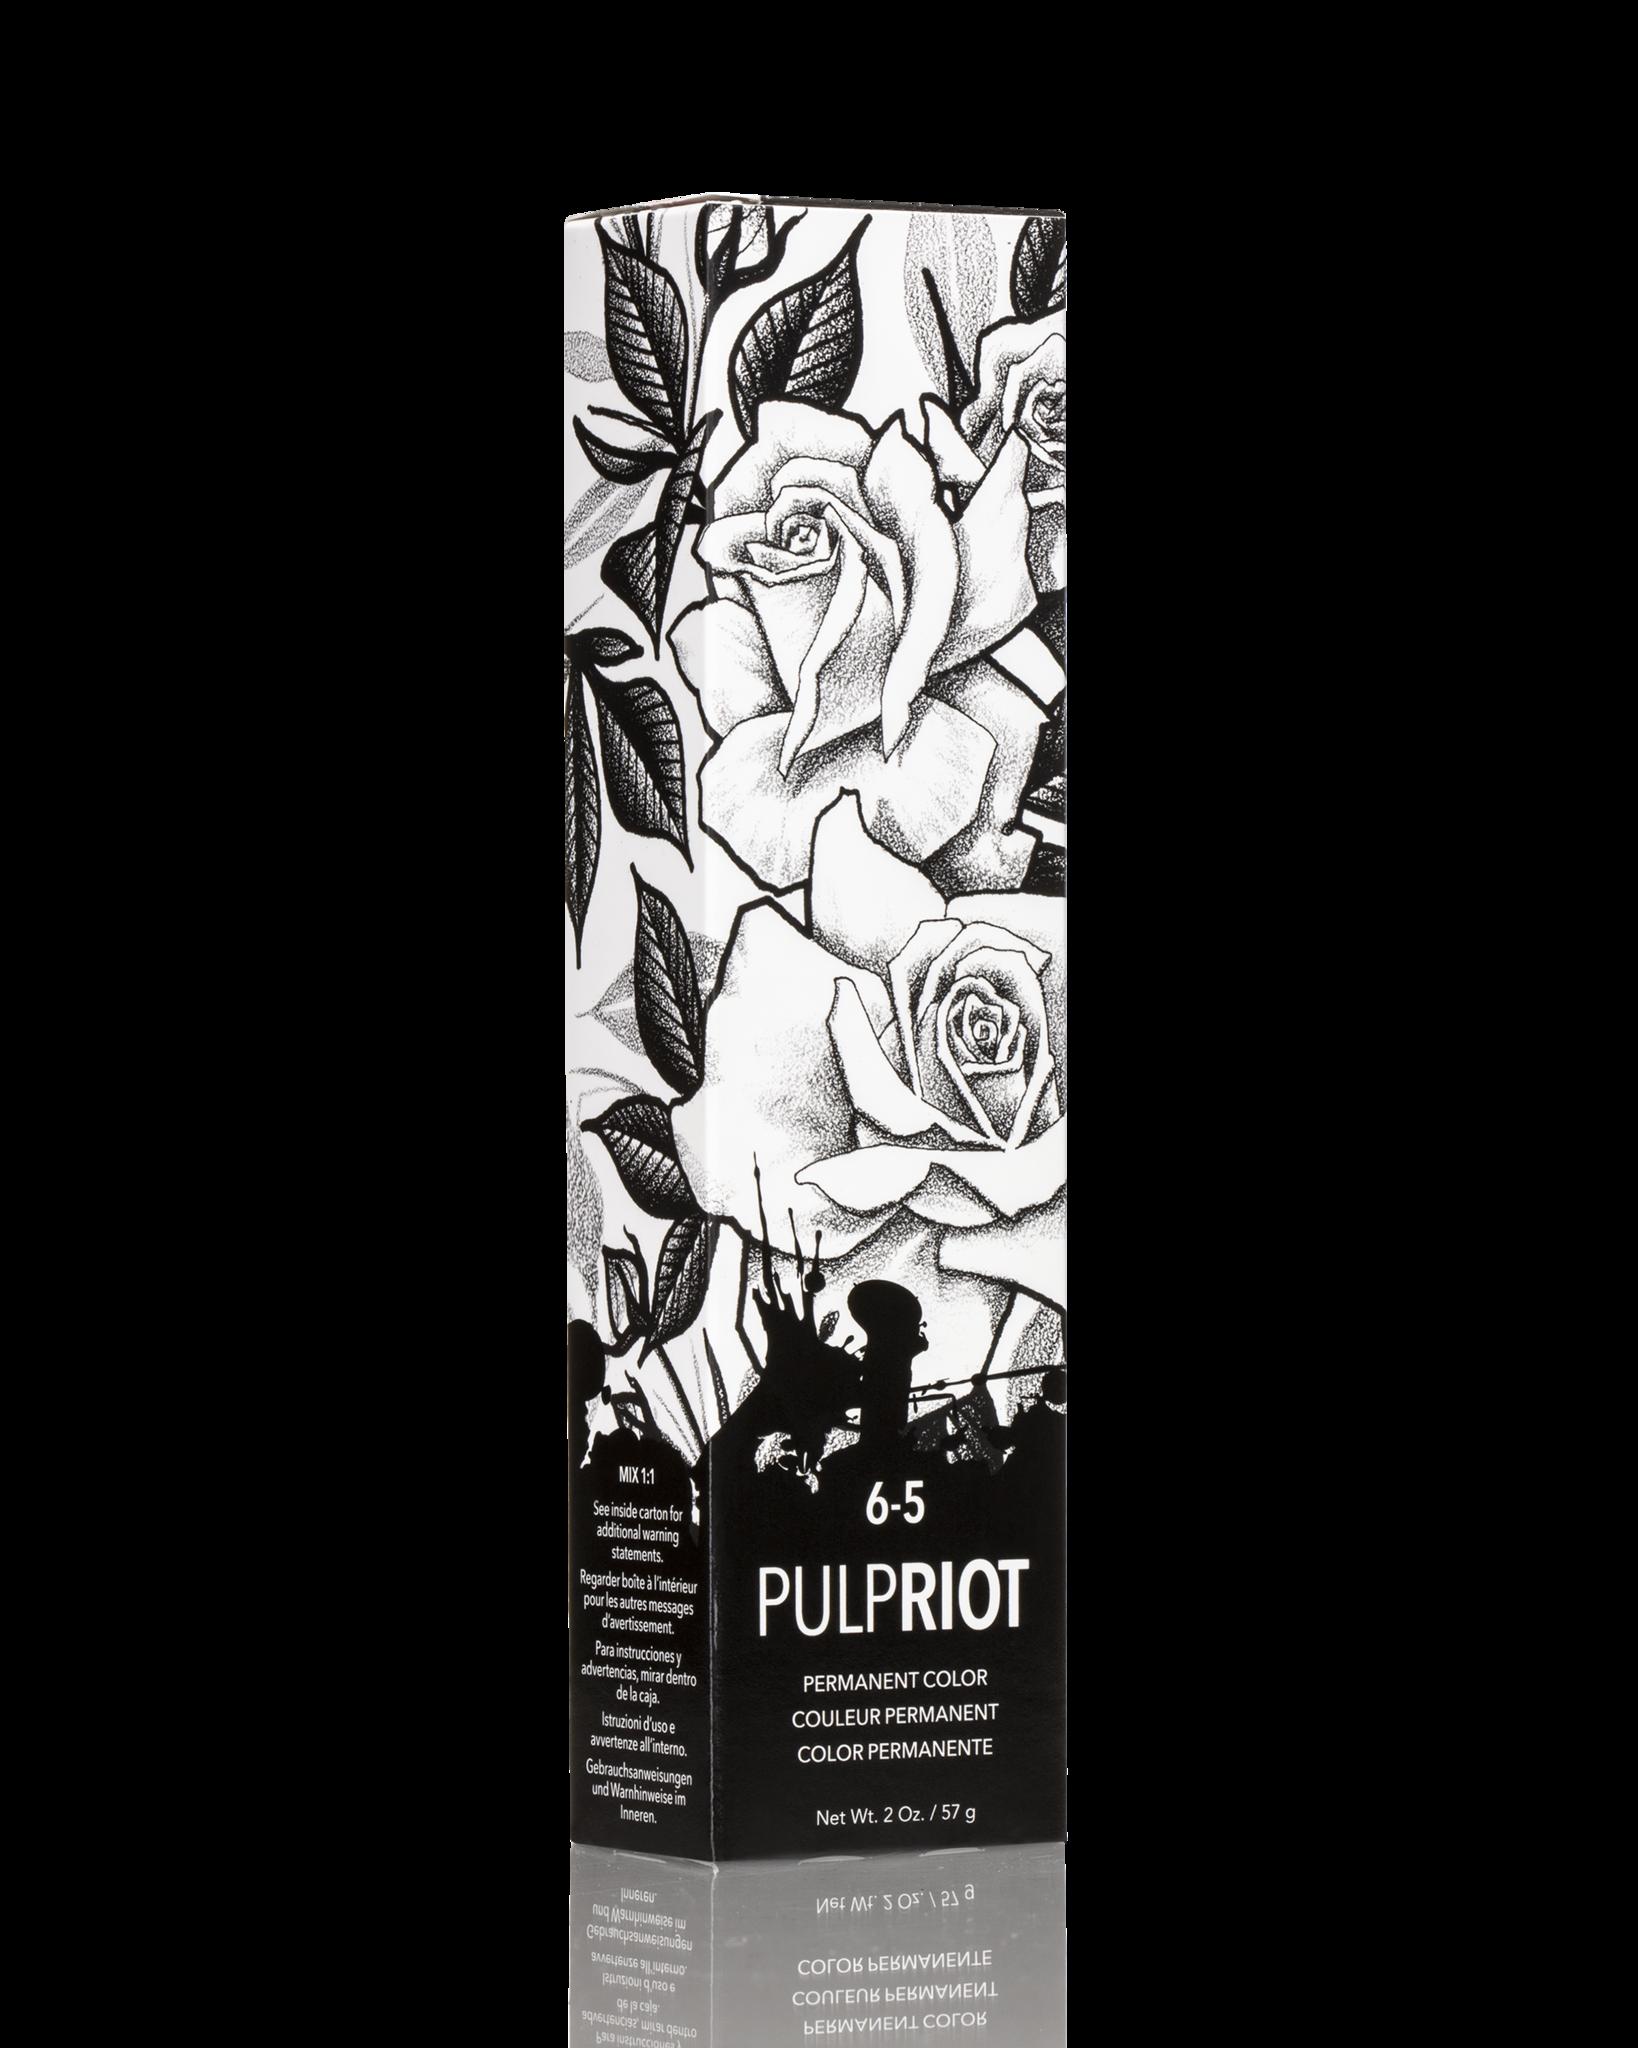 Pulp Riot PULP RIOT FACTION 8 ROUGE VIOLET/RED VIOLET 6-5